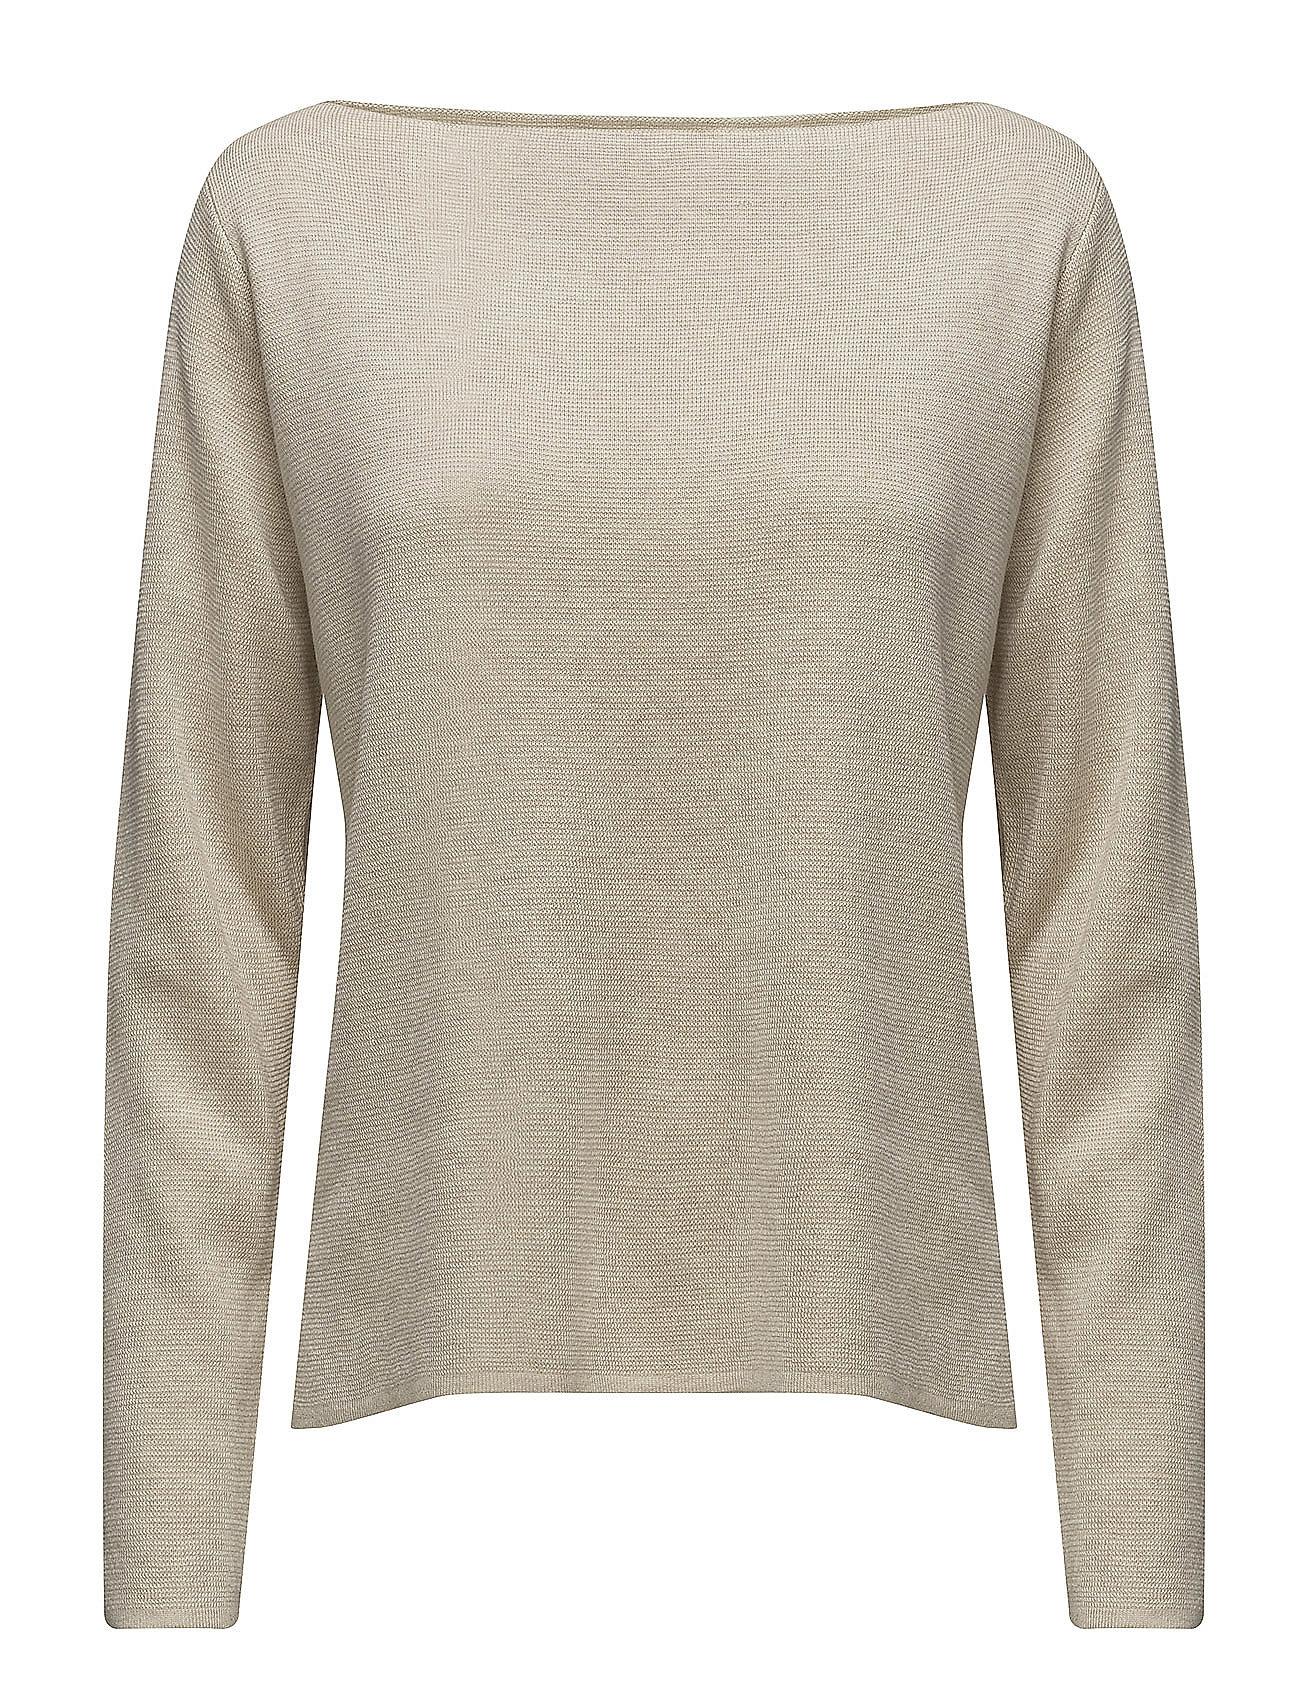 selected femme – Sfluna ls knit boatneck ex på boozt.com dk